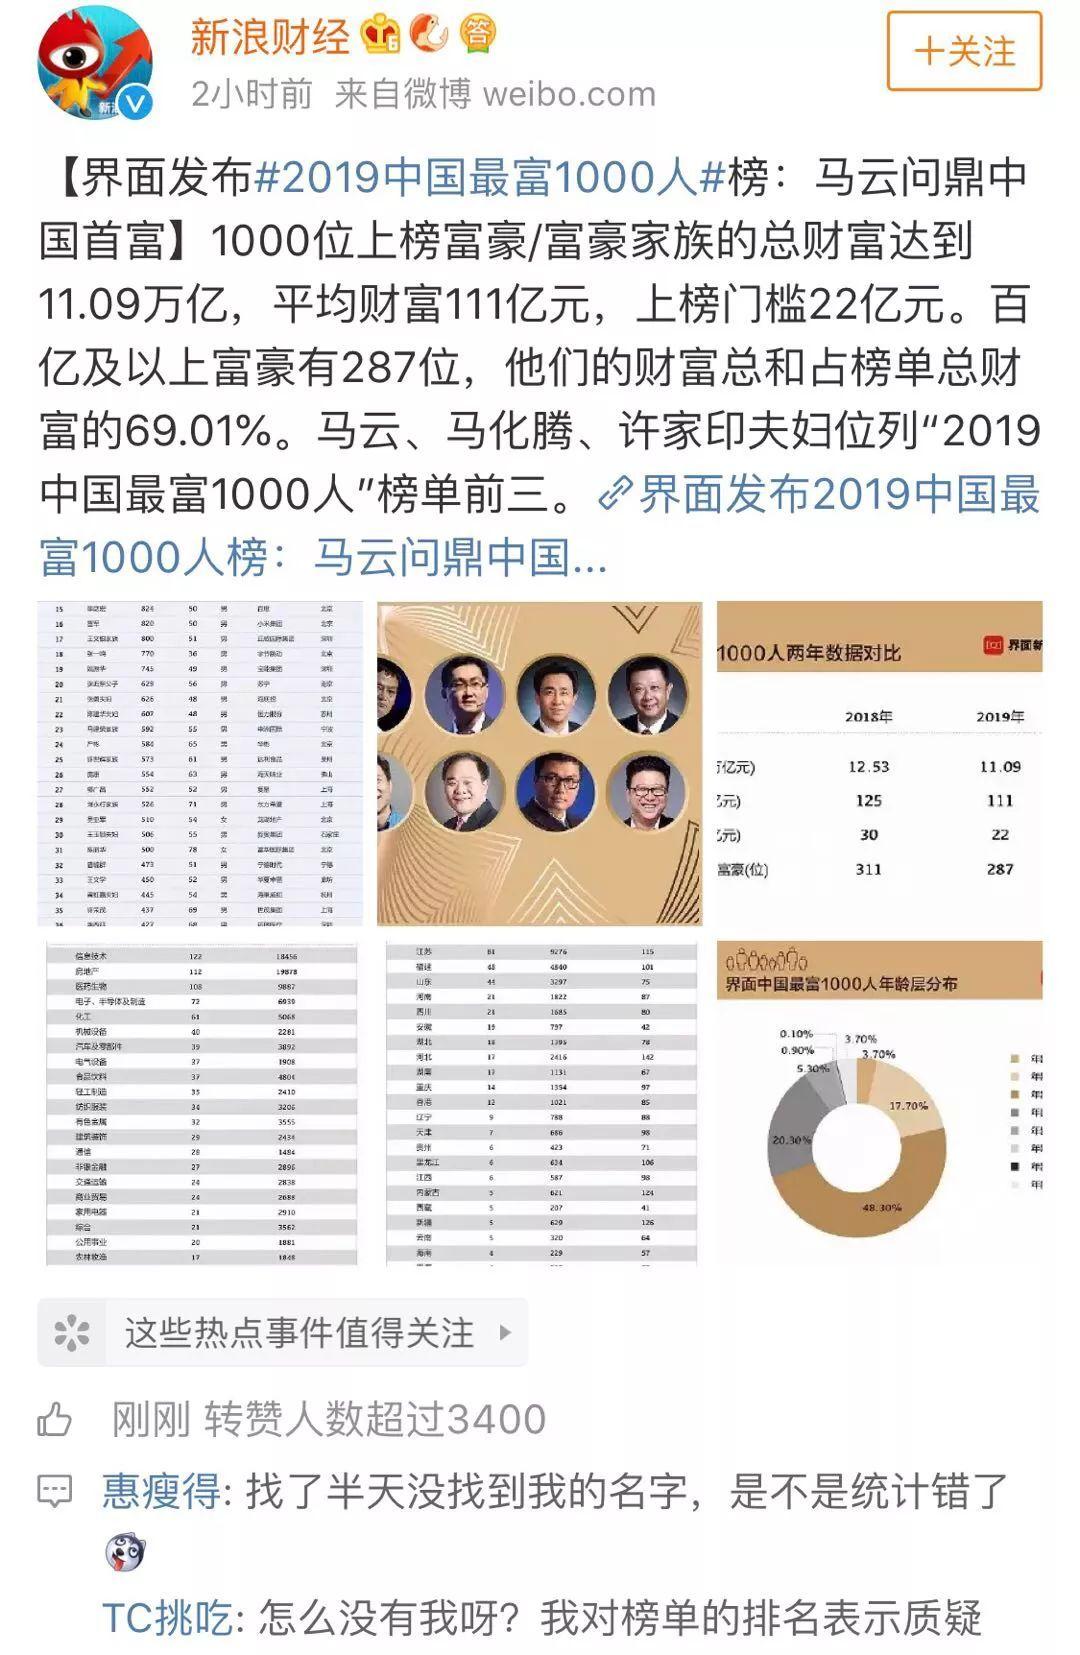 2019中国最富1000人榜单公布